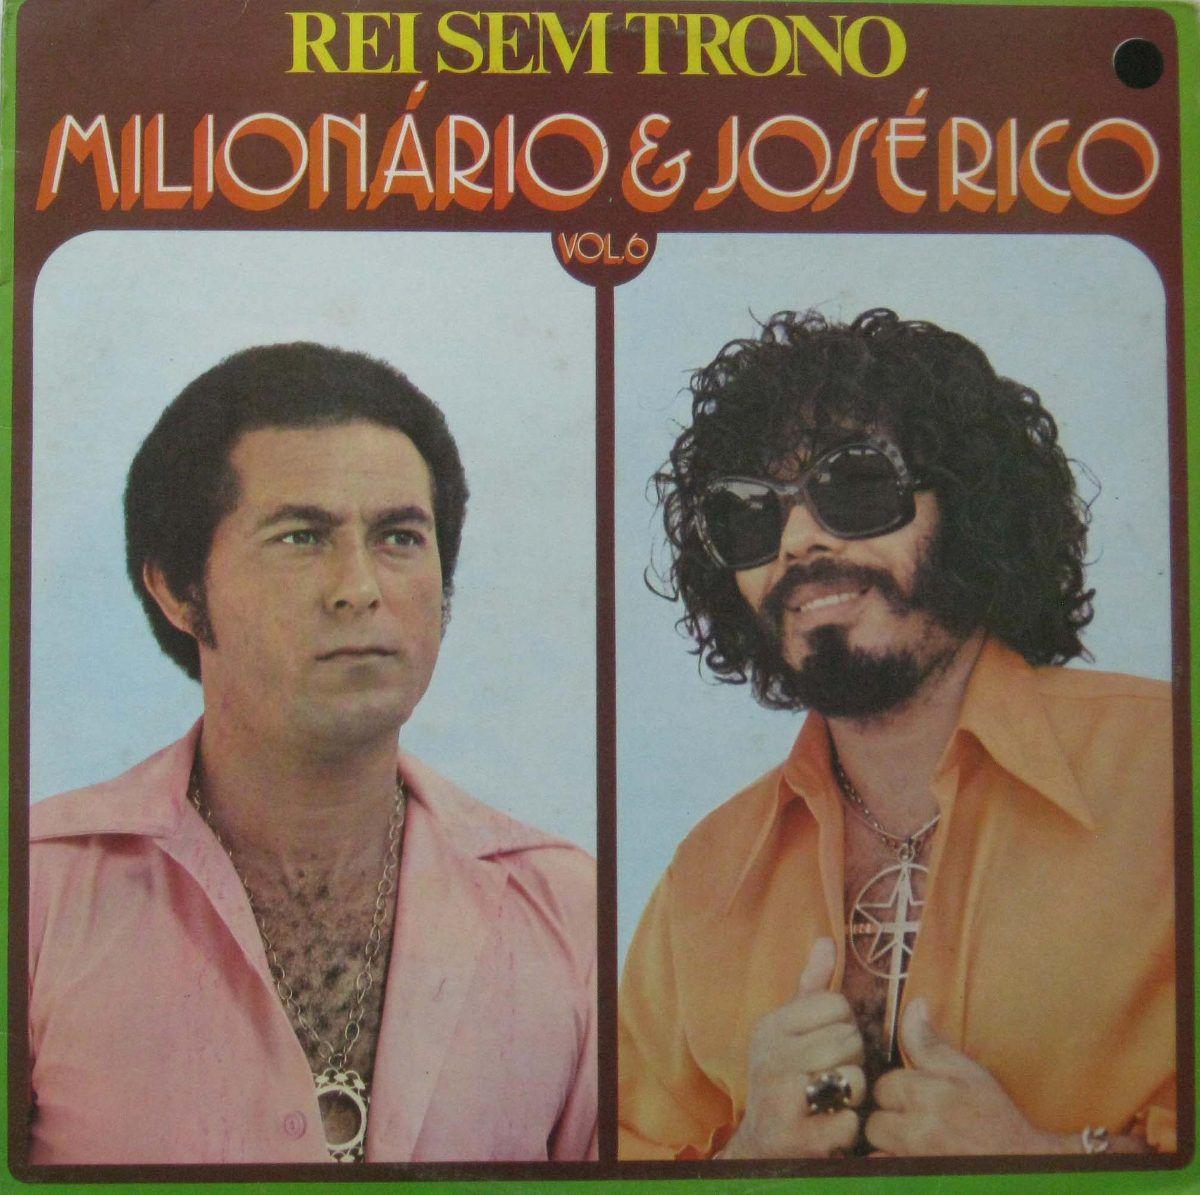 Milionário & José Rico - Rei Sem Trono - Vol.6 - CD